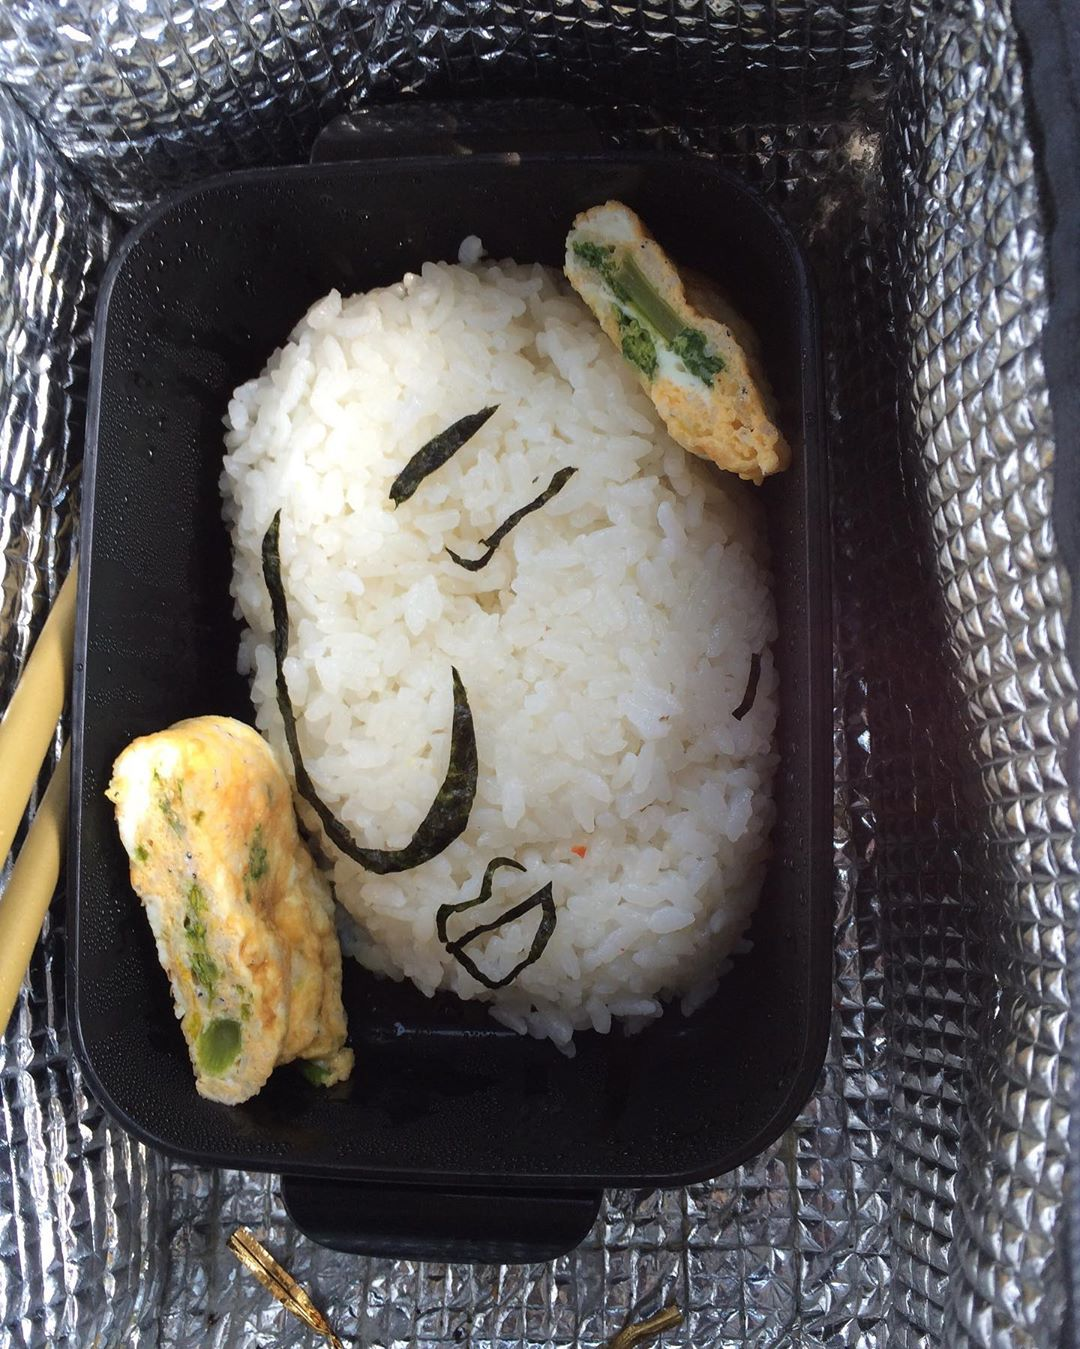 人夫紀錄「超心酸便當」只有一顆滷蛋 打破你對「日本人妻都賢慧」的幻想!